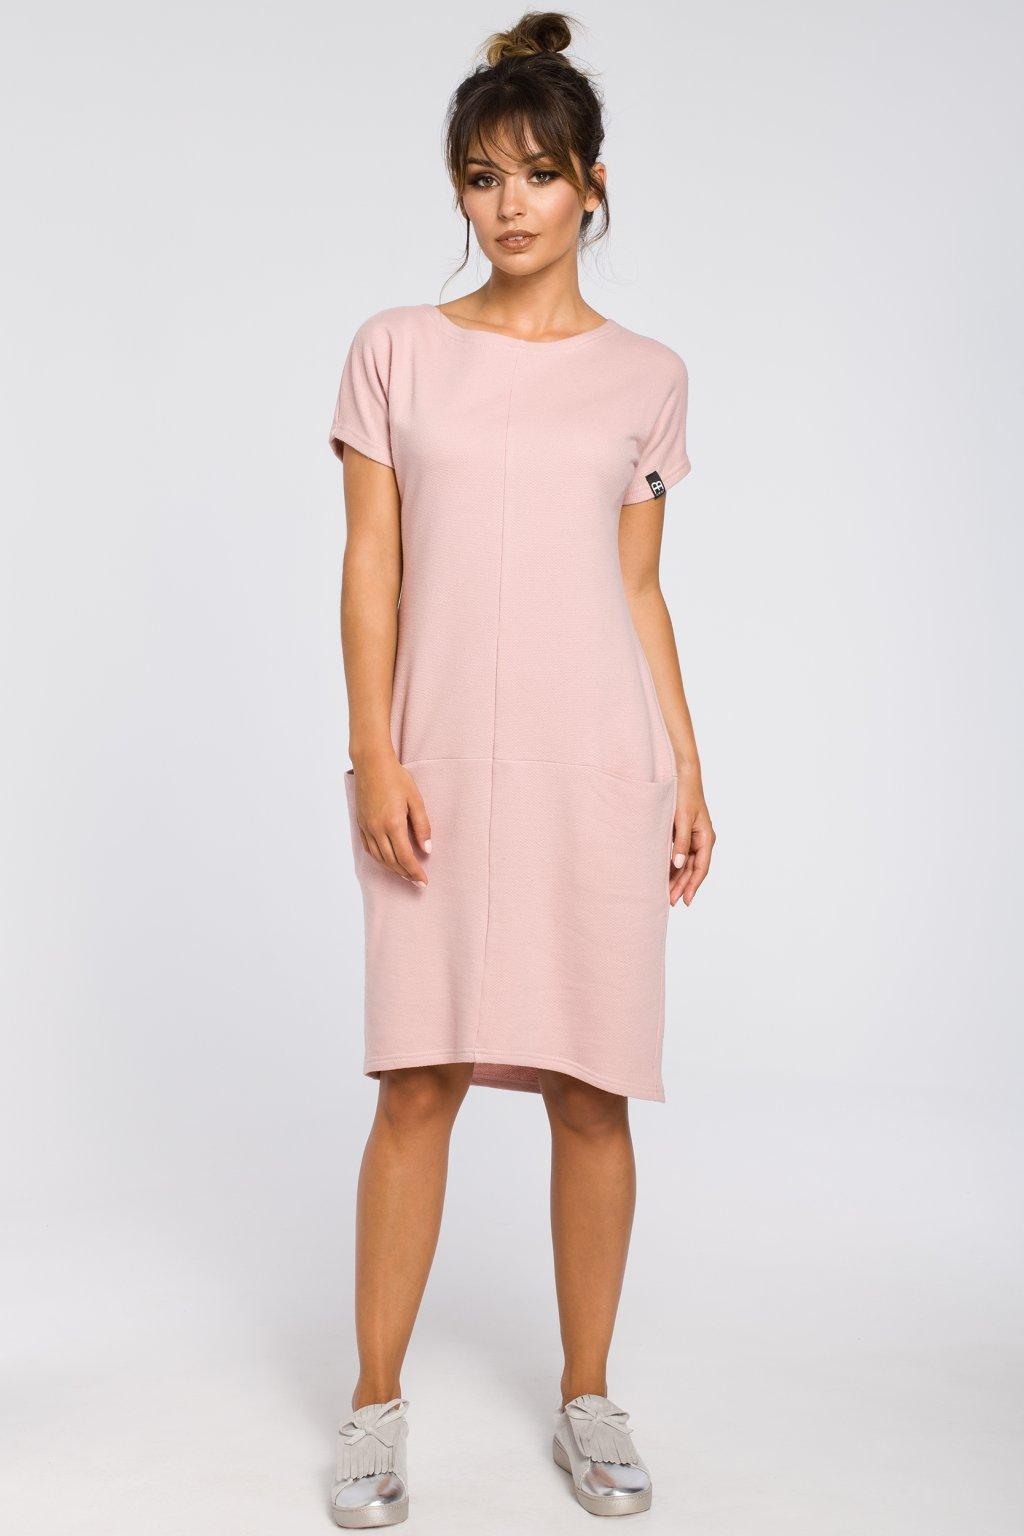 Denní šaty B050 - BeWear